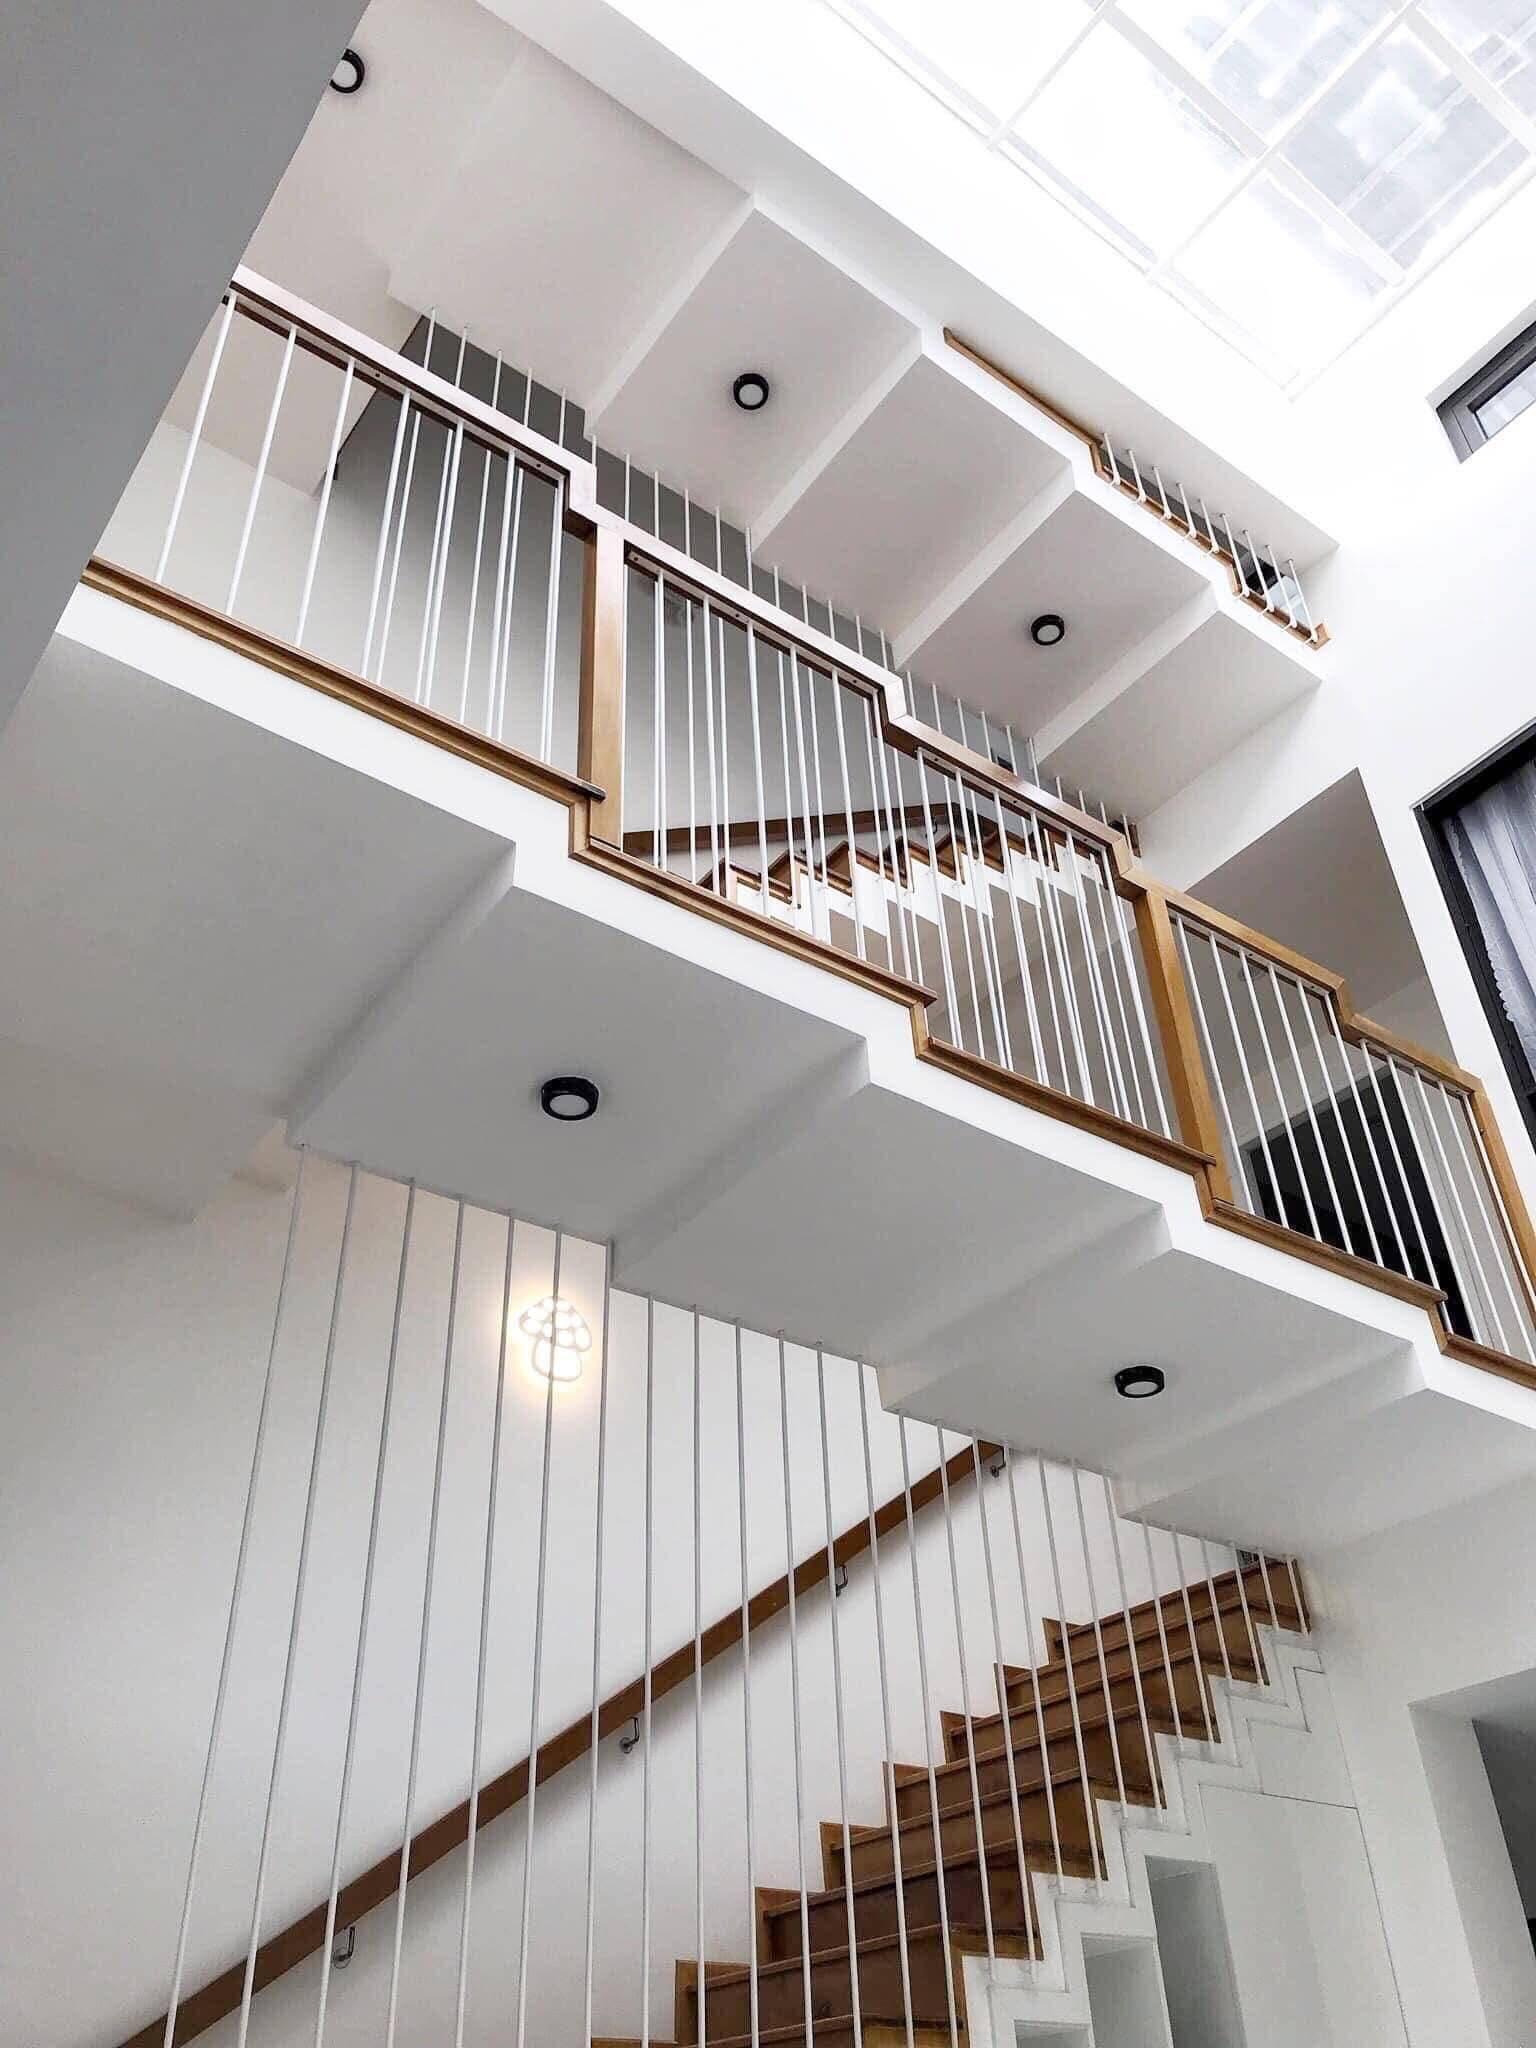 Không gian liền mạch và có tính liên kết cao nhờ thiết kế lệch tầng, giúp mở rộng tầm nhìn và tăng tương tác giữa các thành viên trong gia đình.